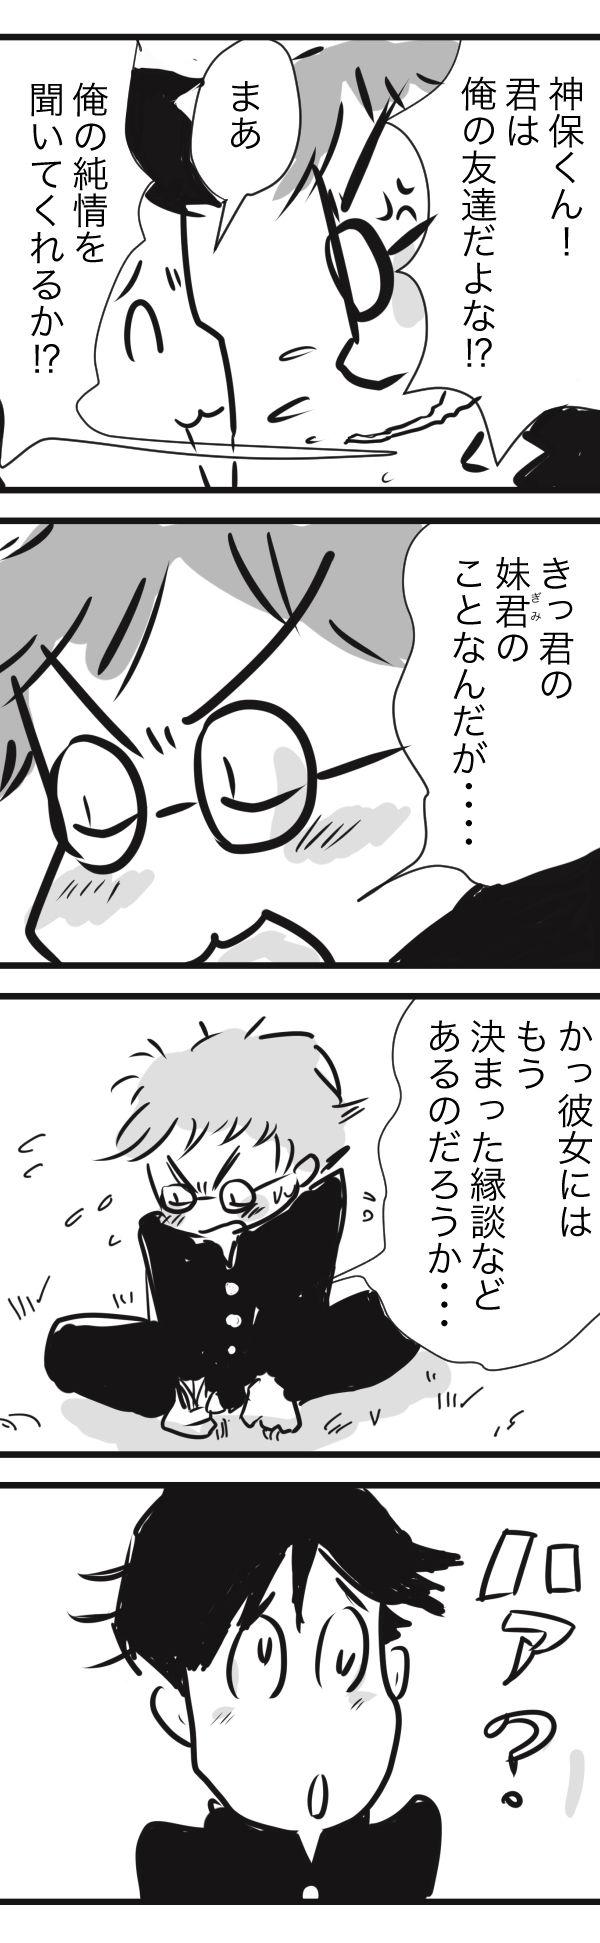 金沢9初恋−3−3